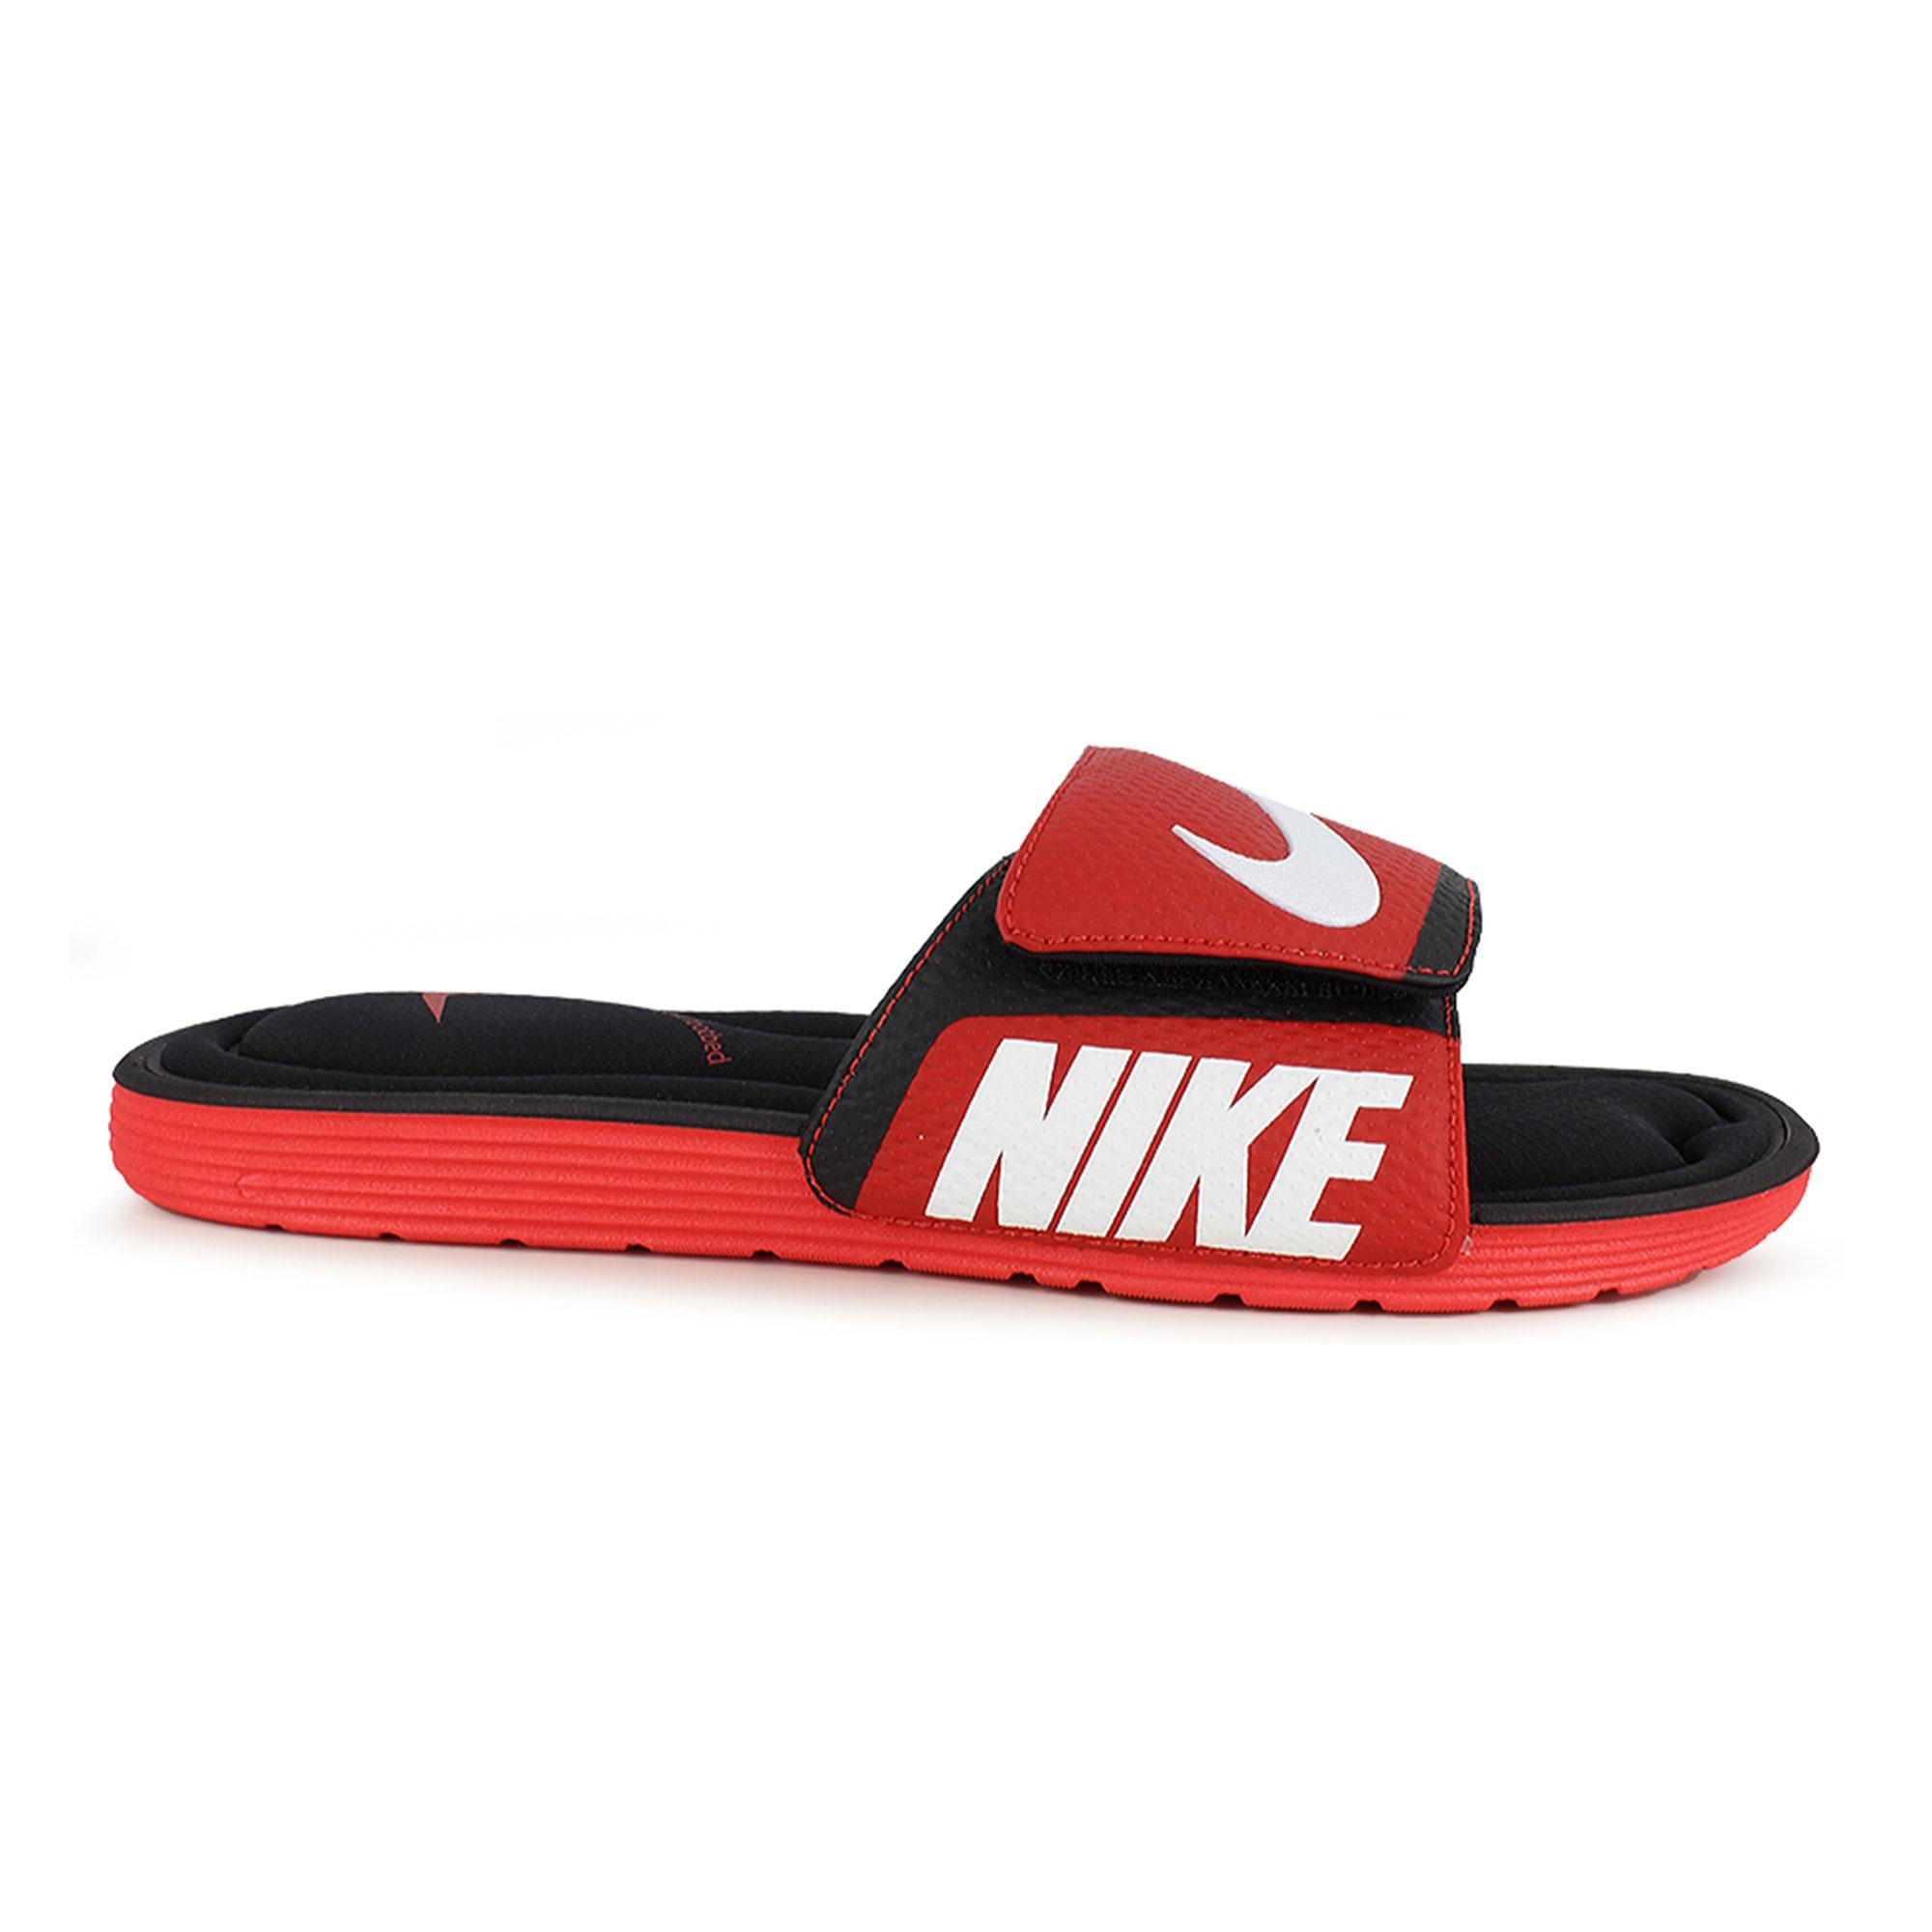 shoe show nike flip flops